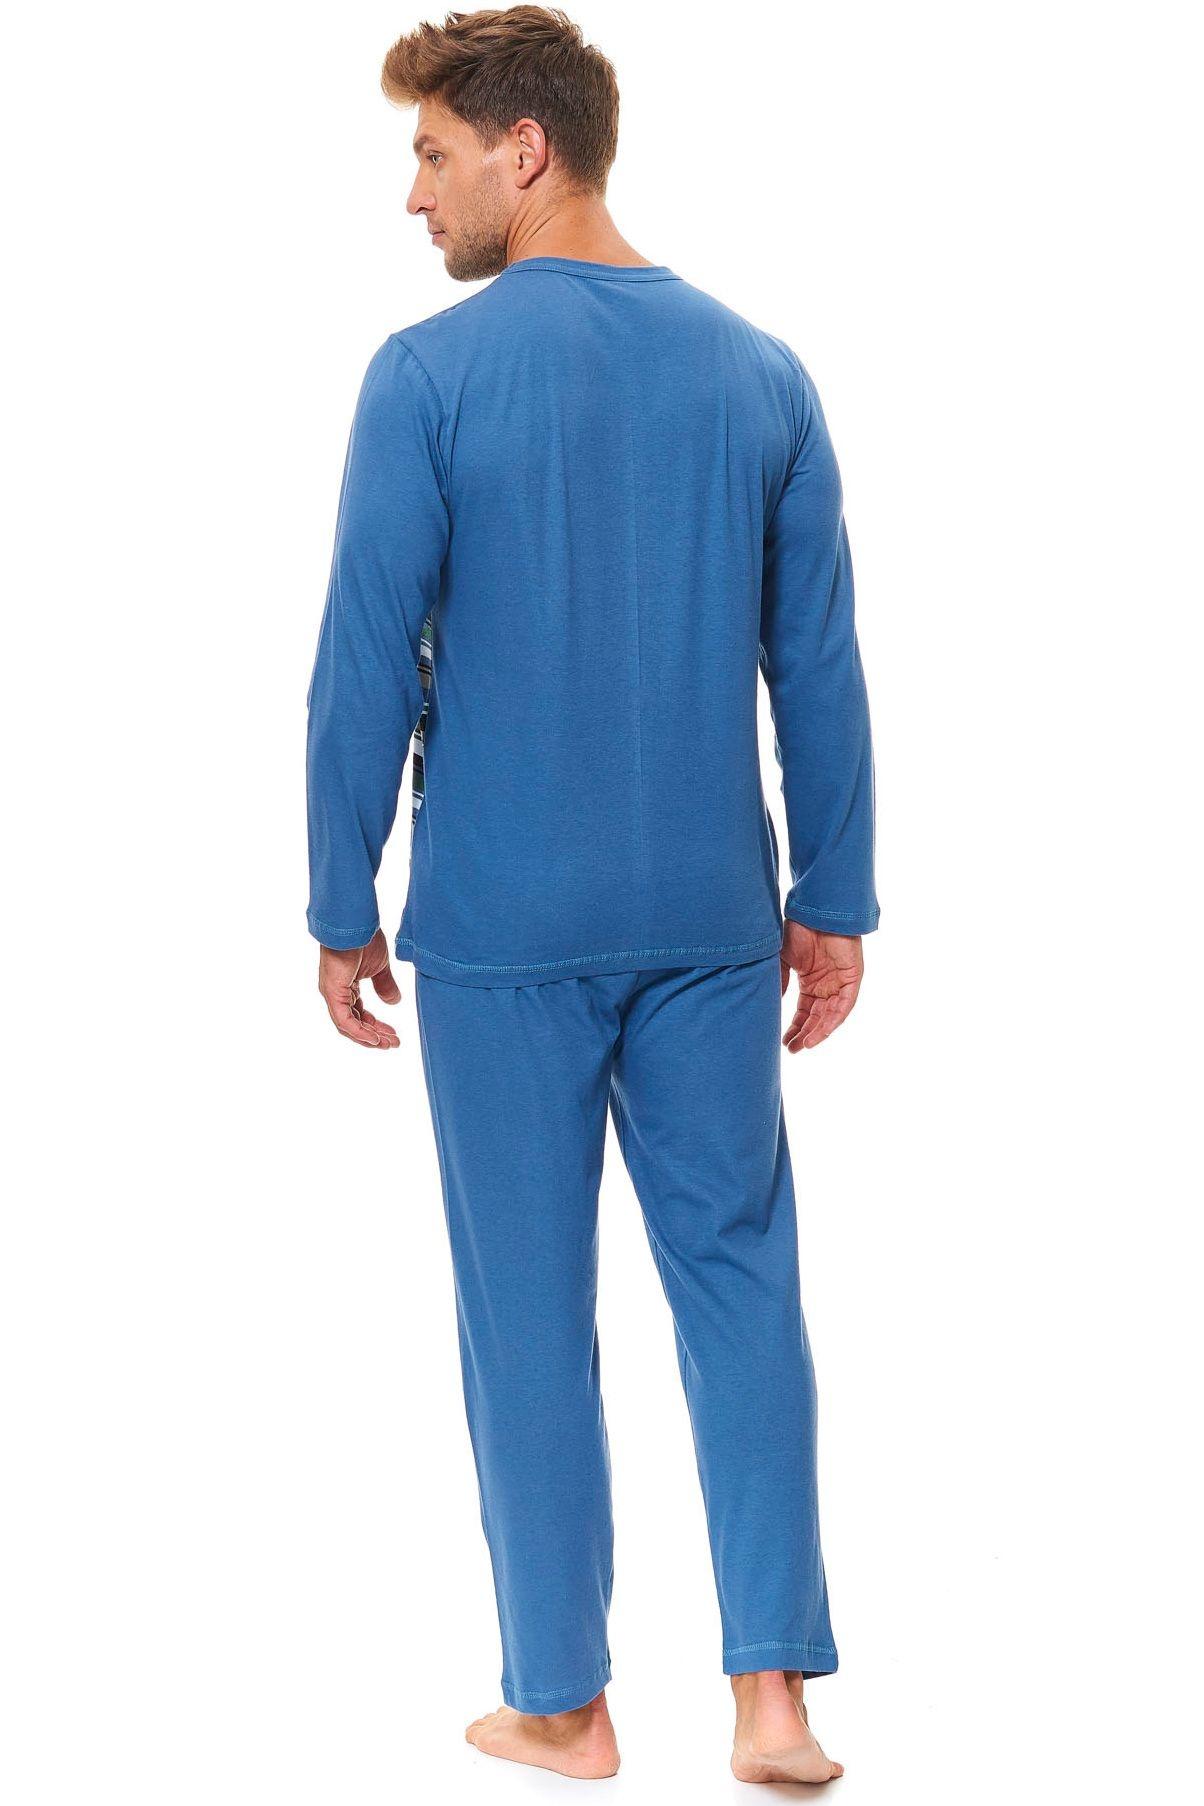 b4477aff1 Pánske bavlnené pyžamo Henry zelené prúžky Pánske bavlnené pyžamo Henry  zelené prúžky ...